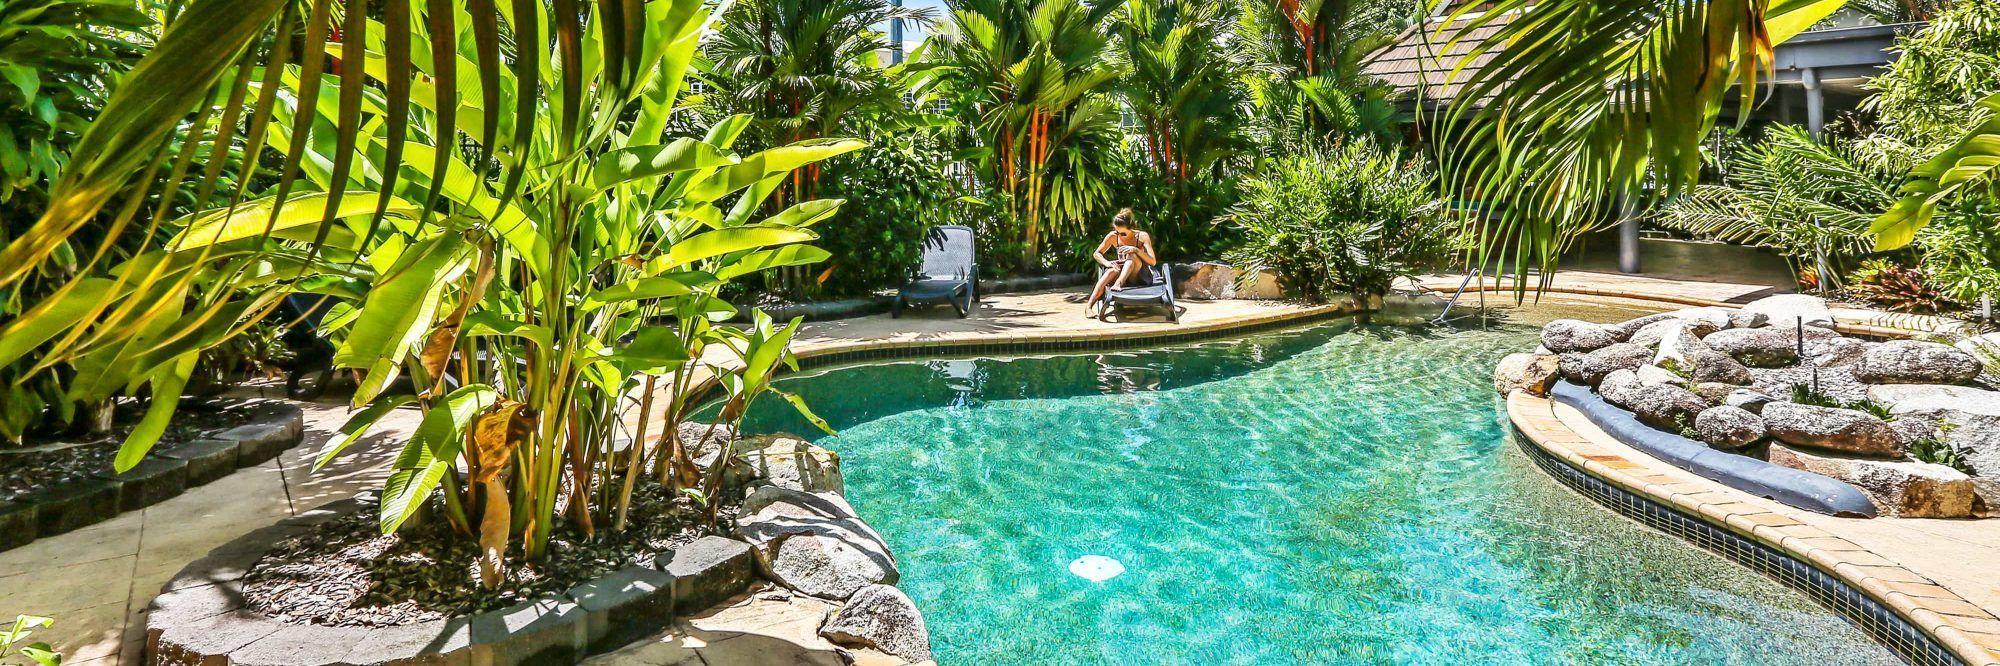 cairns accommodation cascade gardens